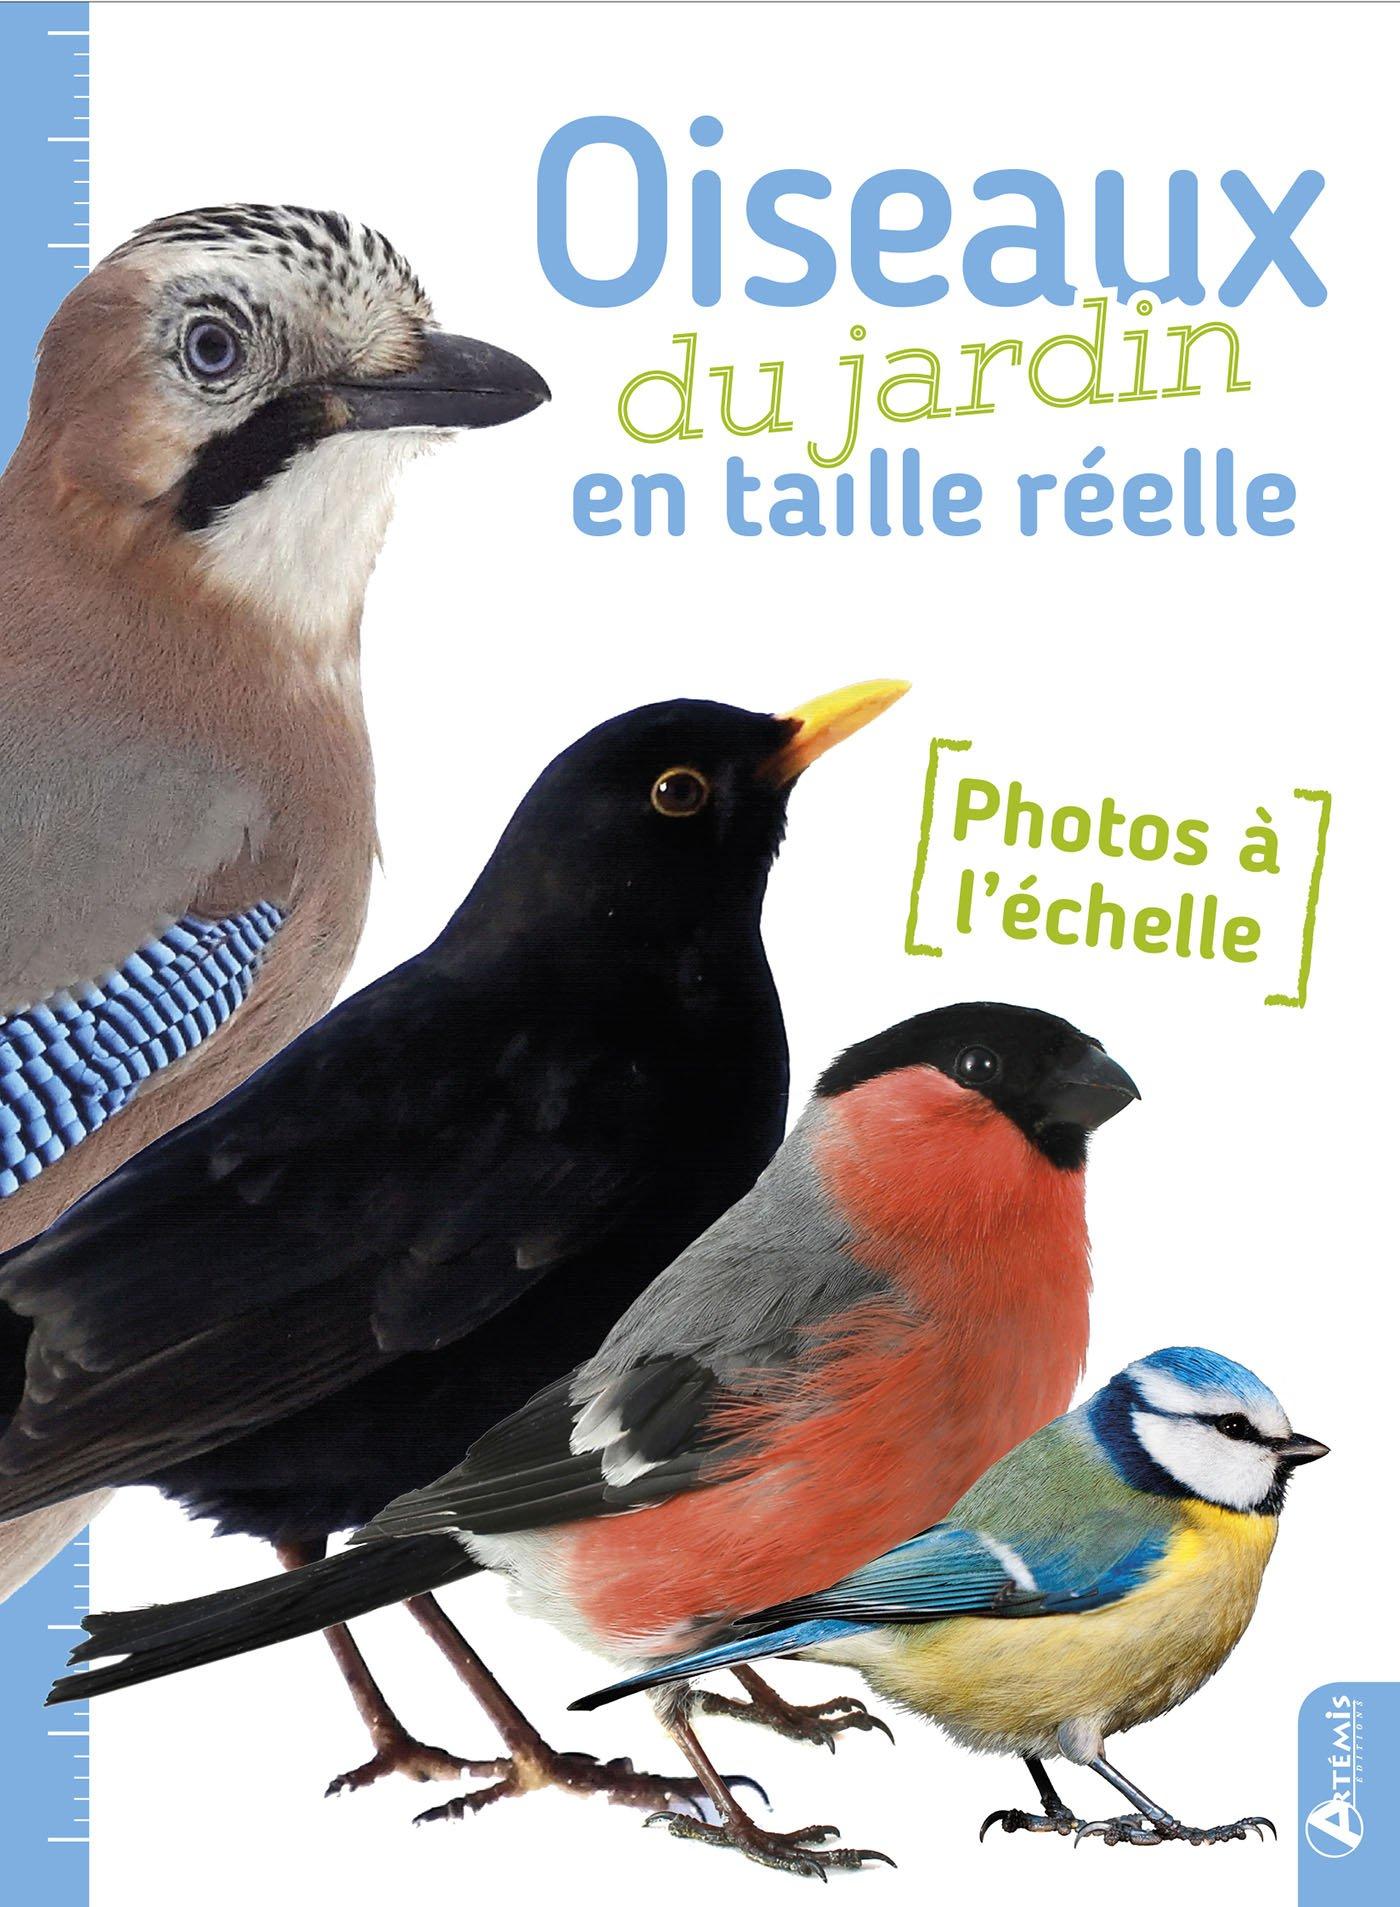 Les oiseaux du jardin en taille réelle Broché – 4 avril 2017 Anne Eydoux Jacques Theillard Artémis Editions Artémis